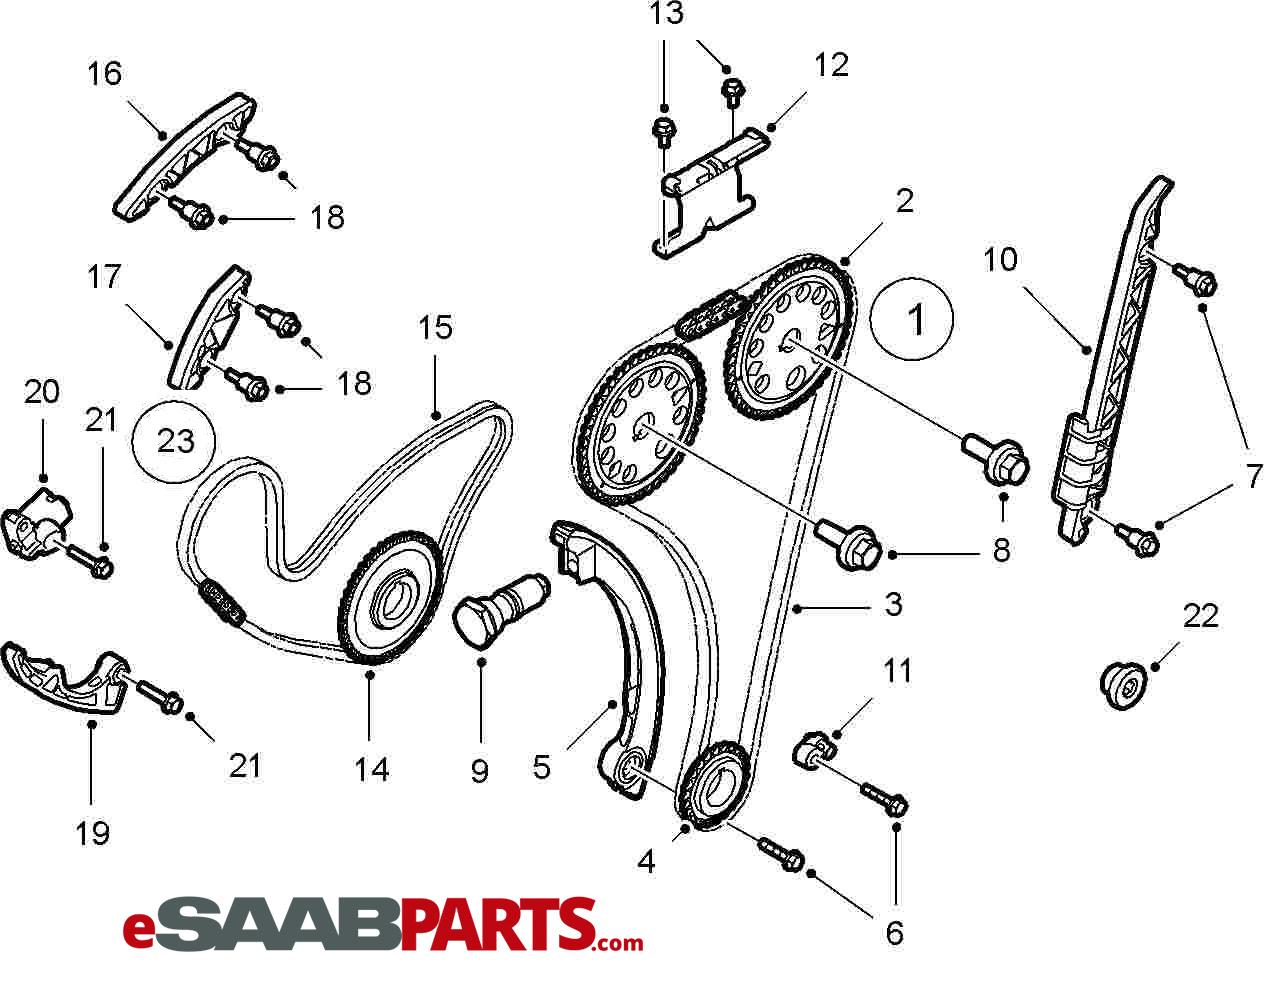 Fuses Diagram Saab 9 3 Turbo